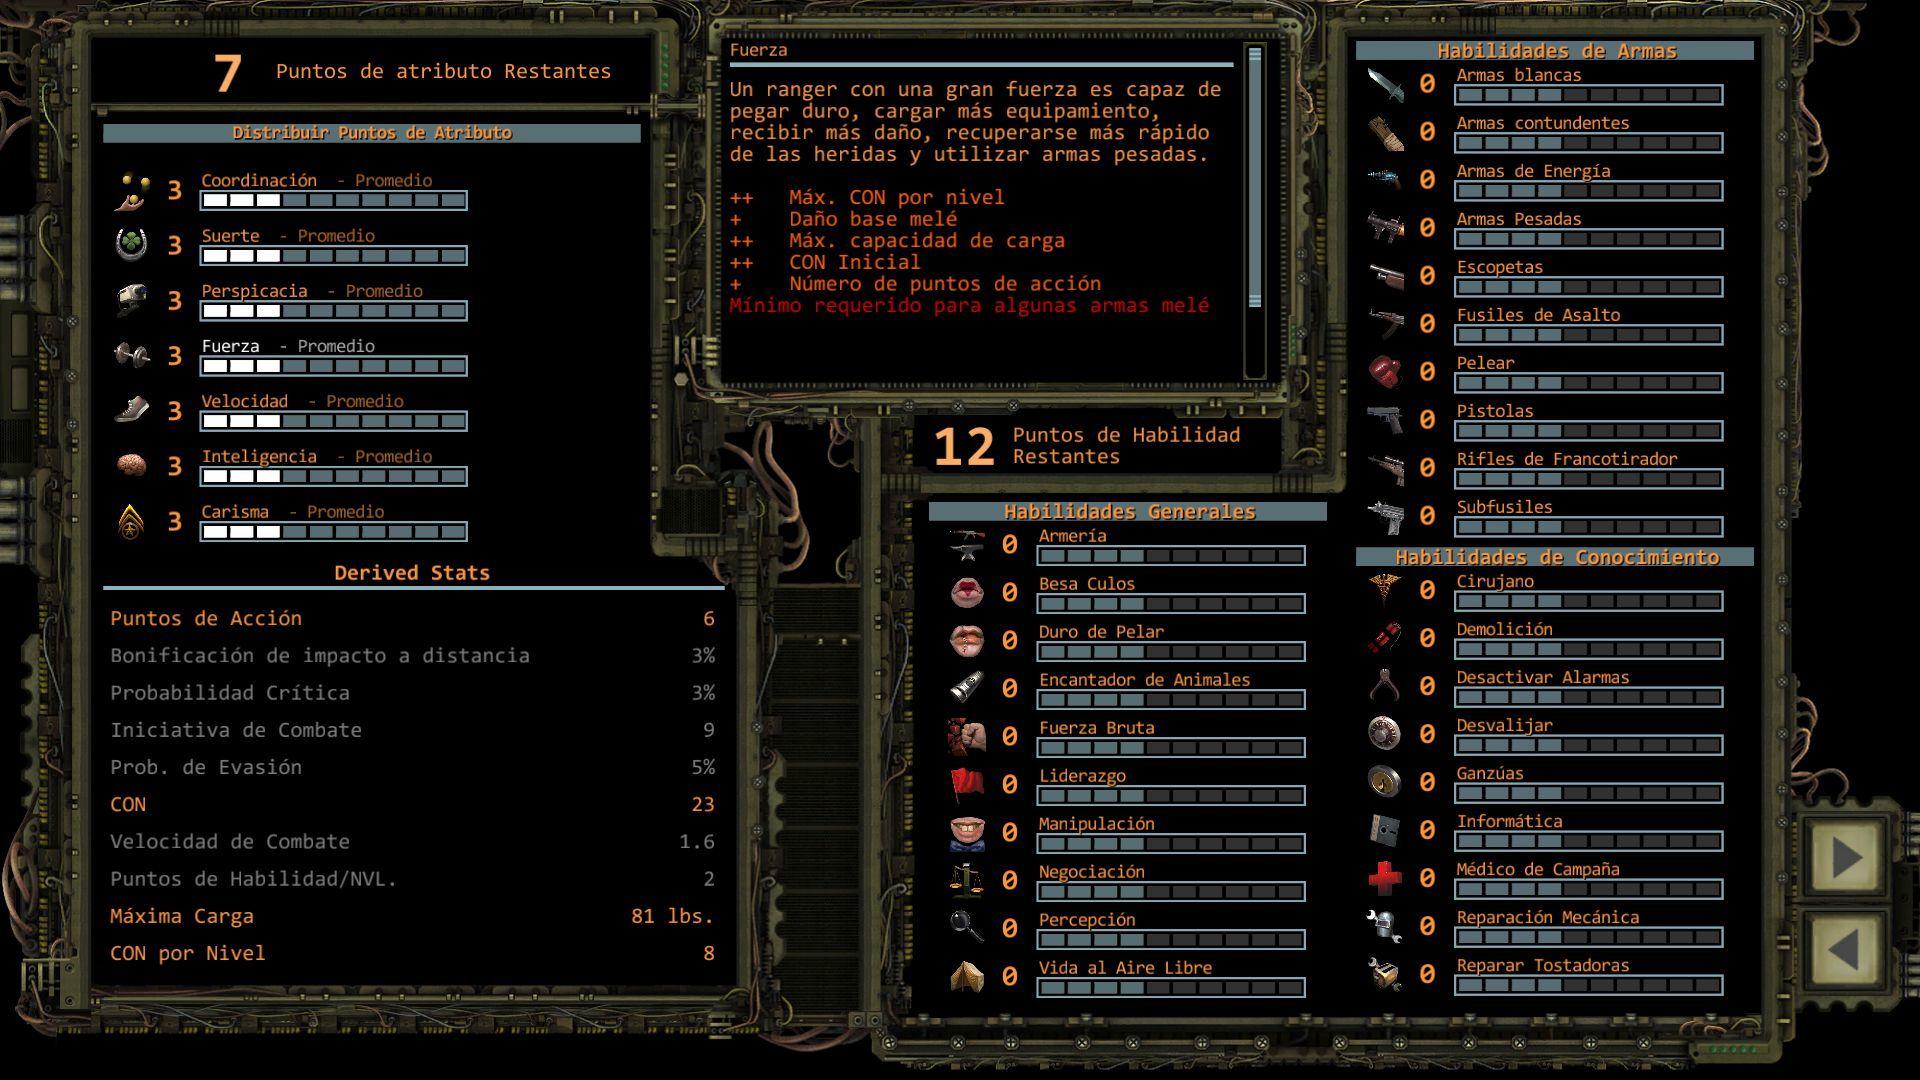 Foto de Distribución de puntos de Atributo en Wasteland 2 (6/11)